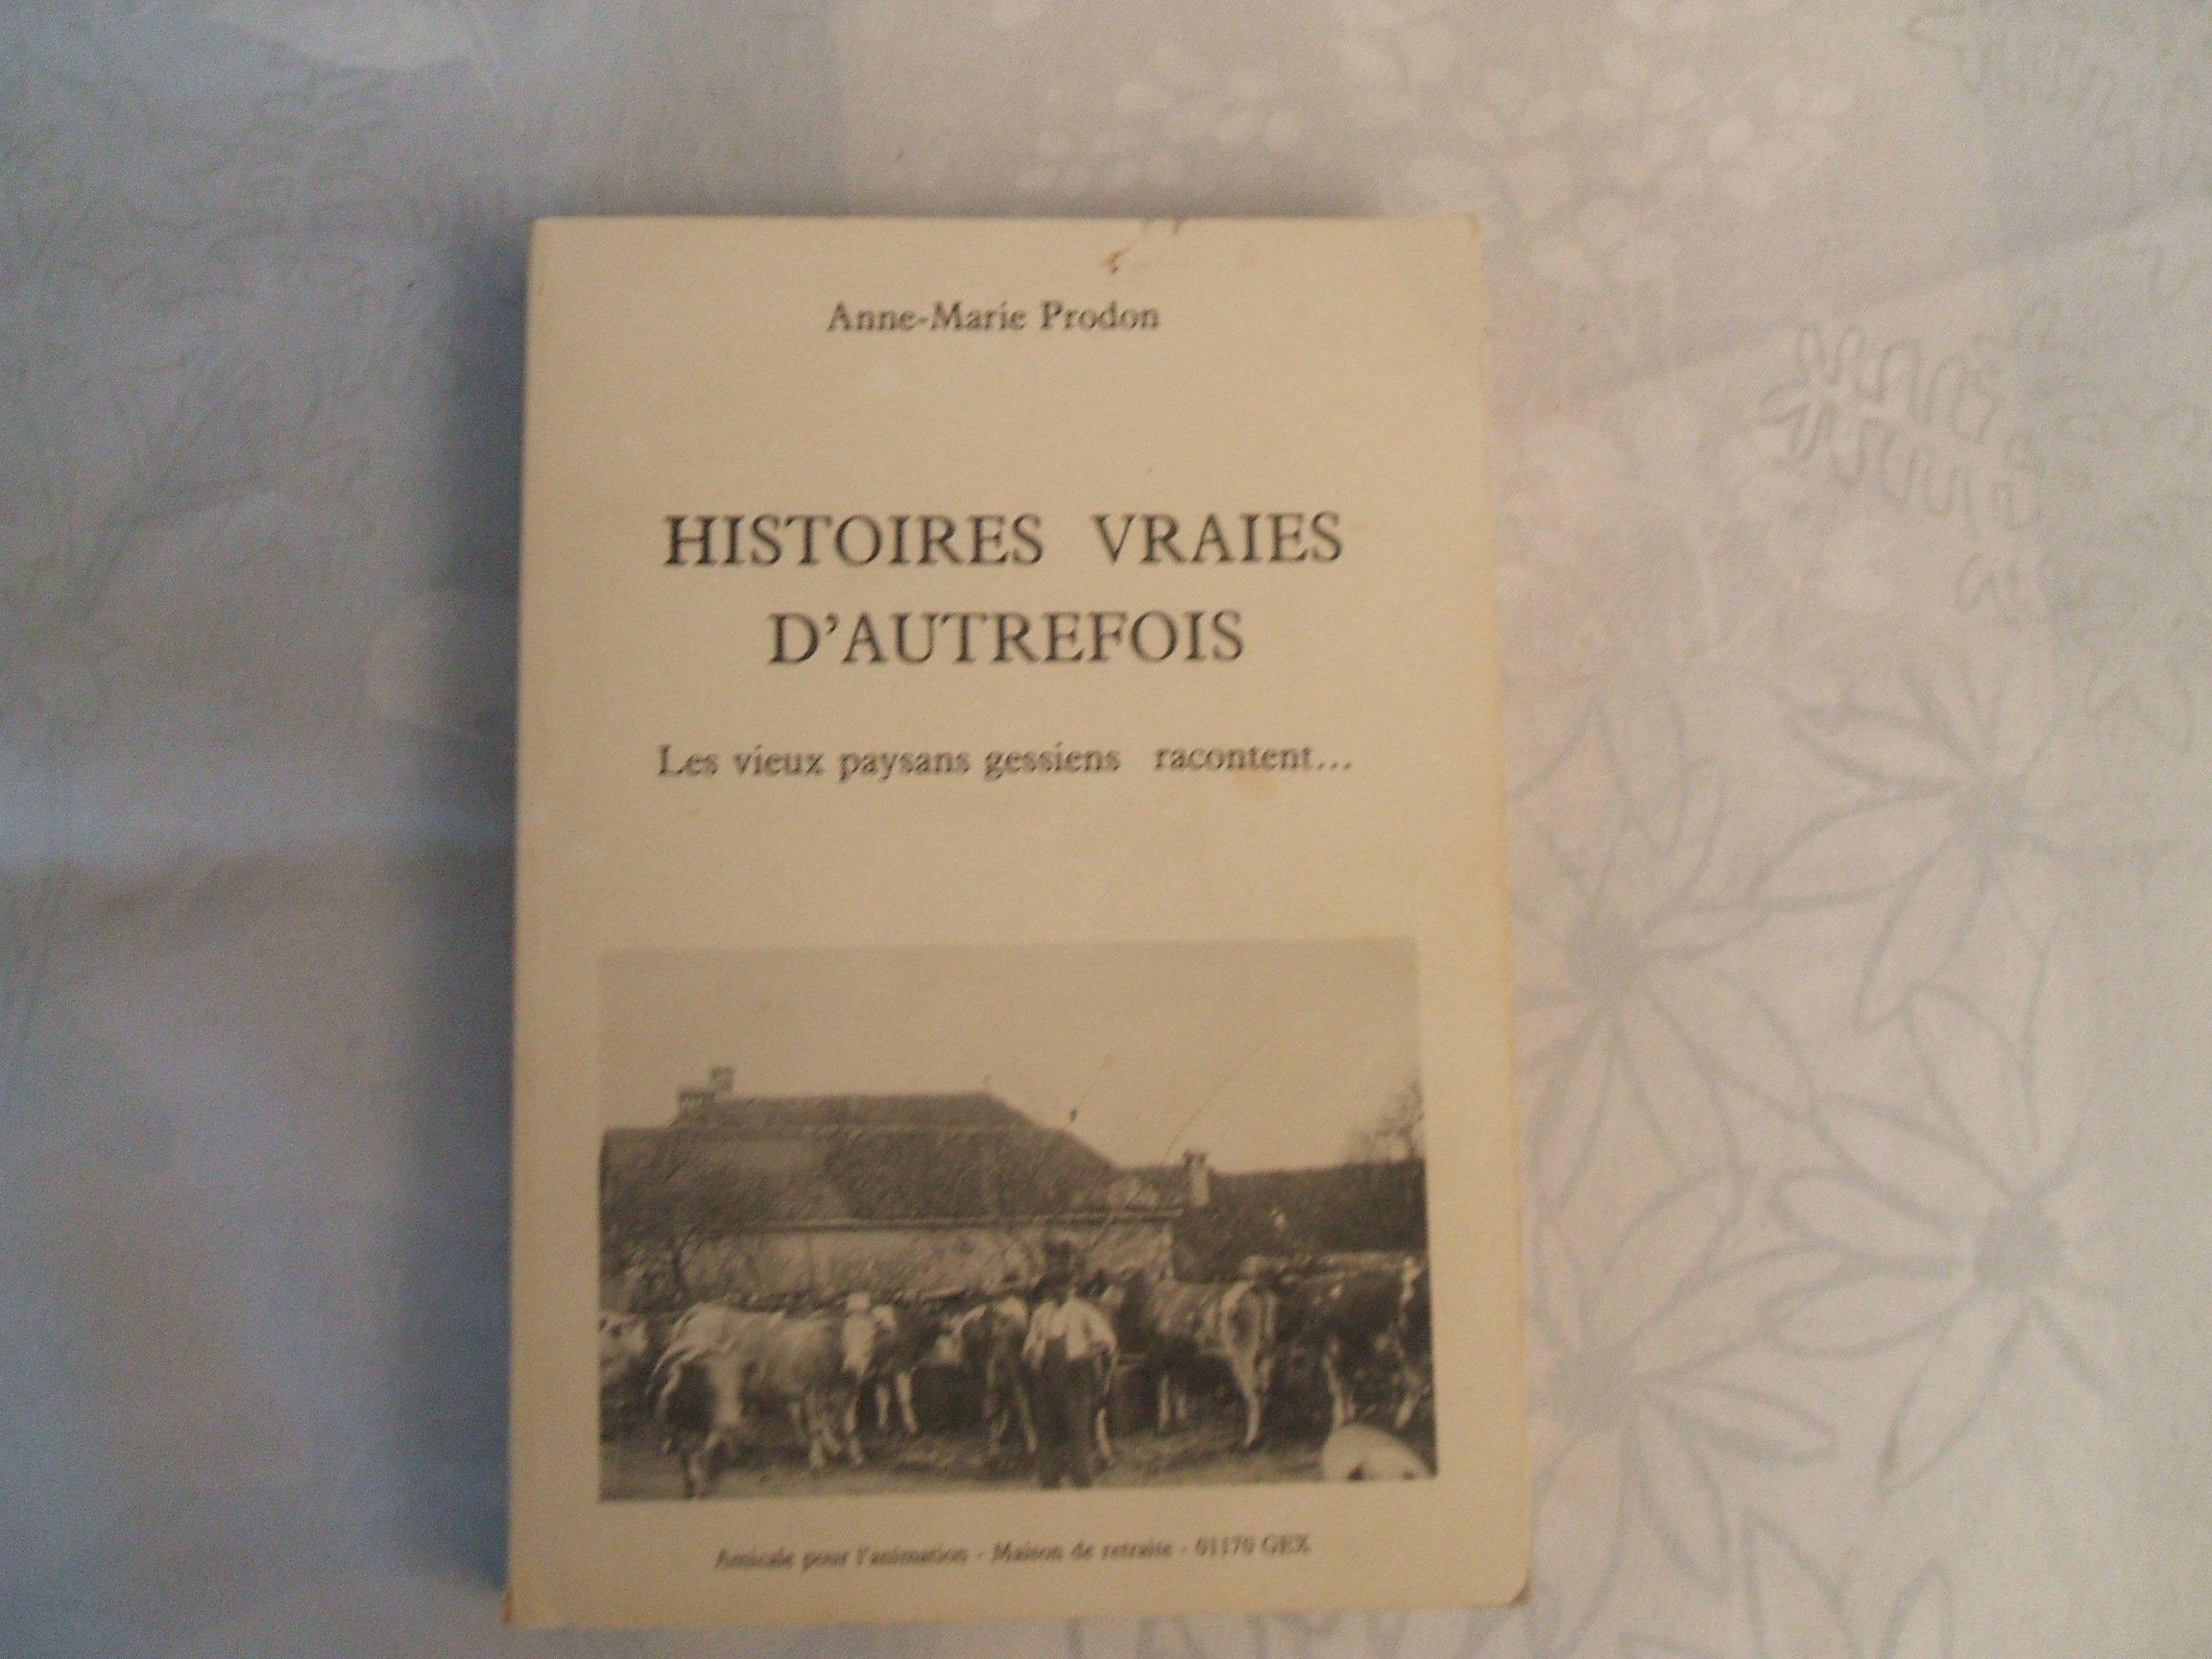 Histoires vraies d'autrefois : Les vieux paysans gessiens racontent Broché – 1980 Anne-Marie Prodon B0014LDUJM 1900-1945 Gex